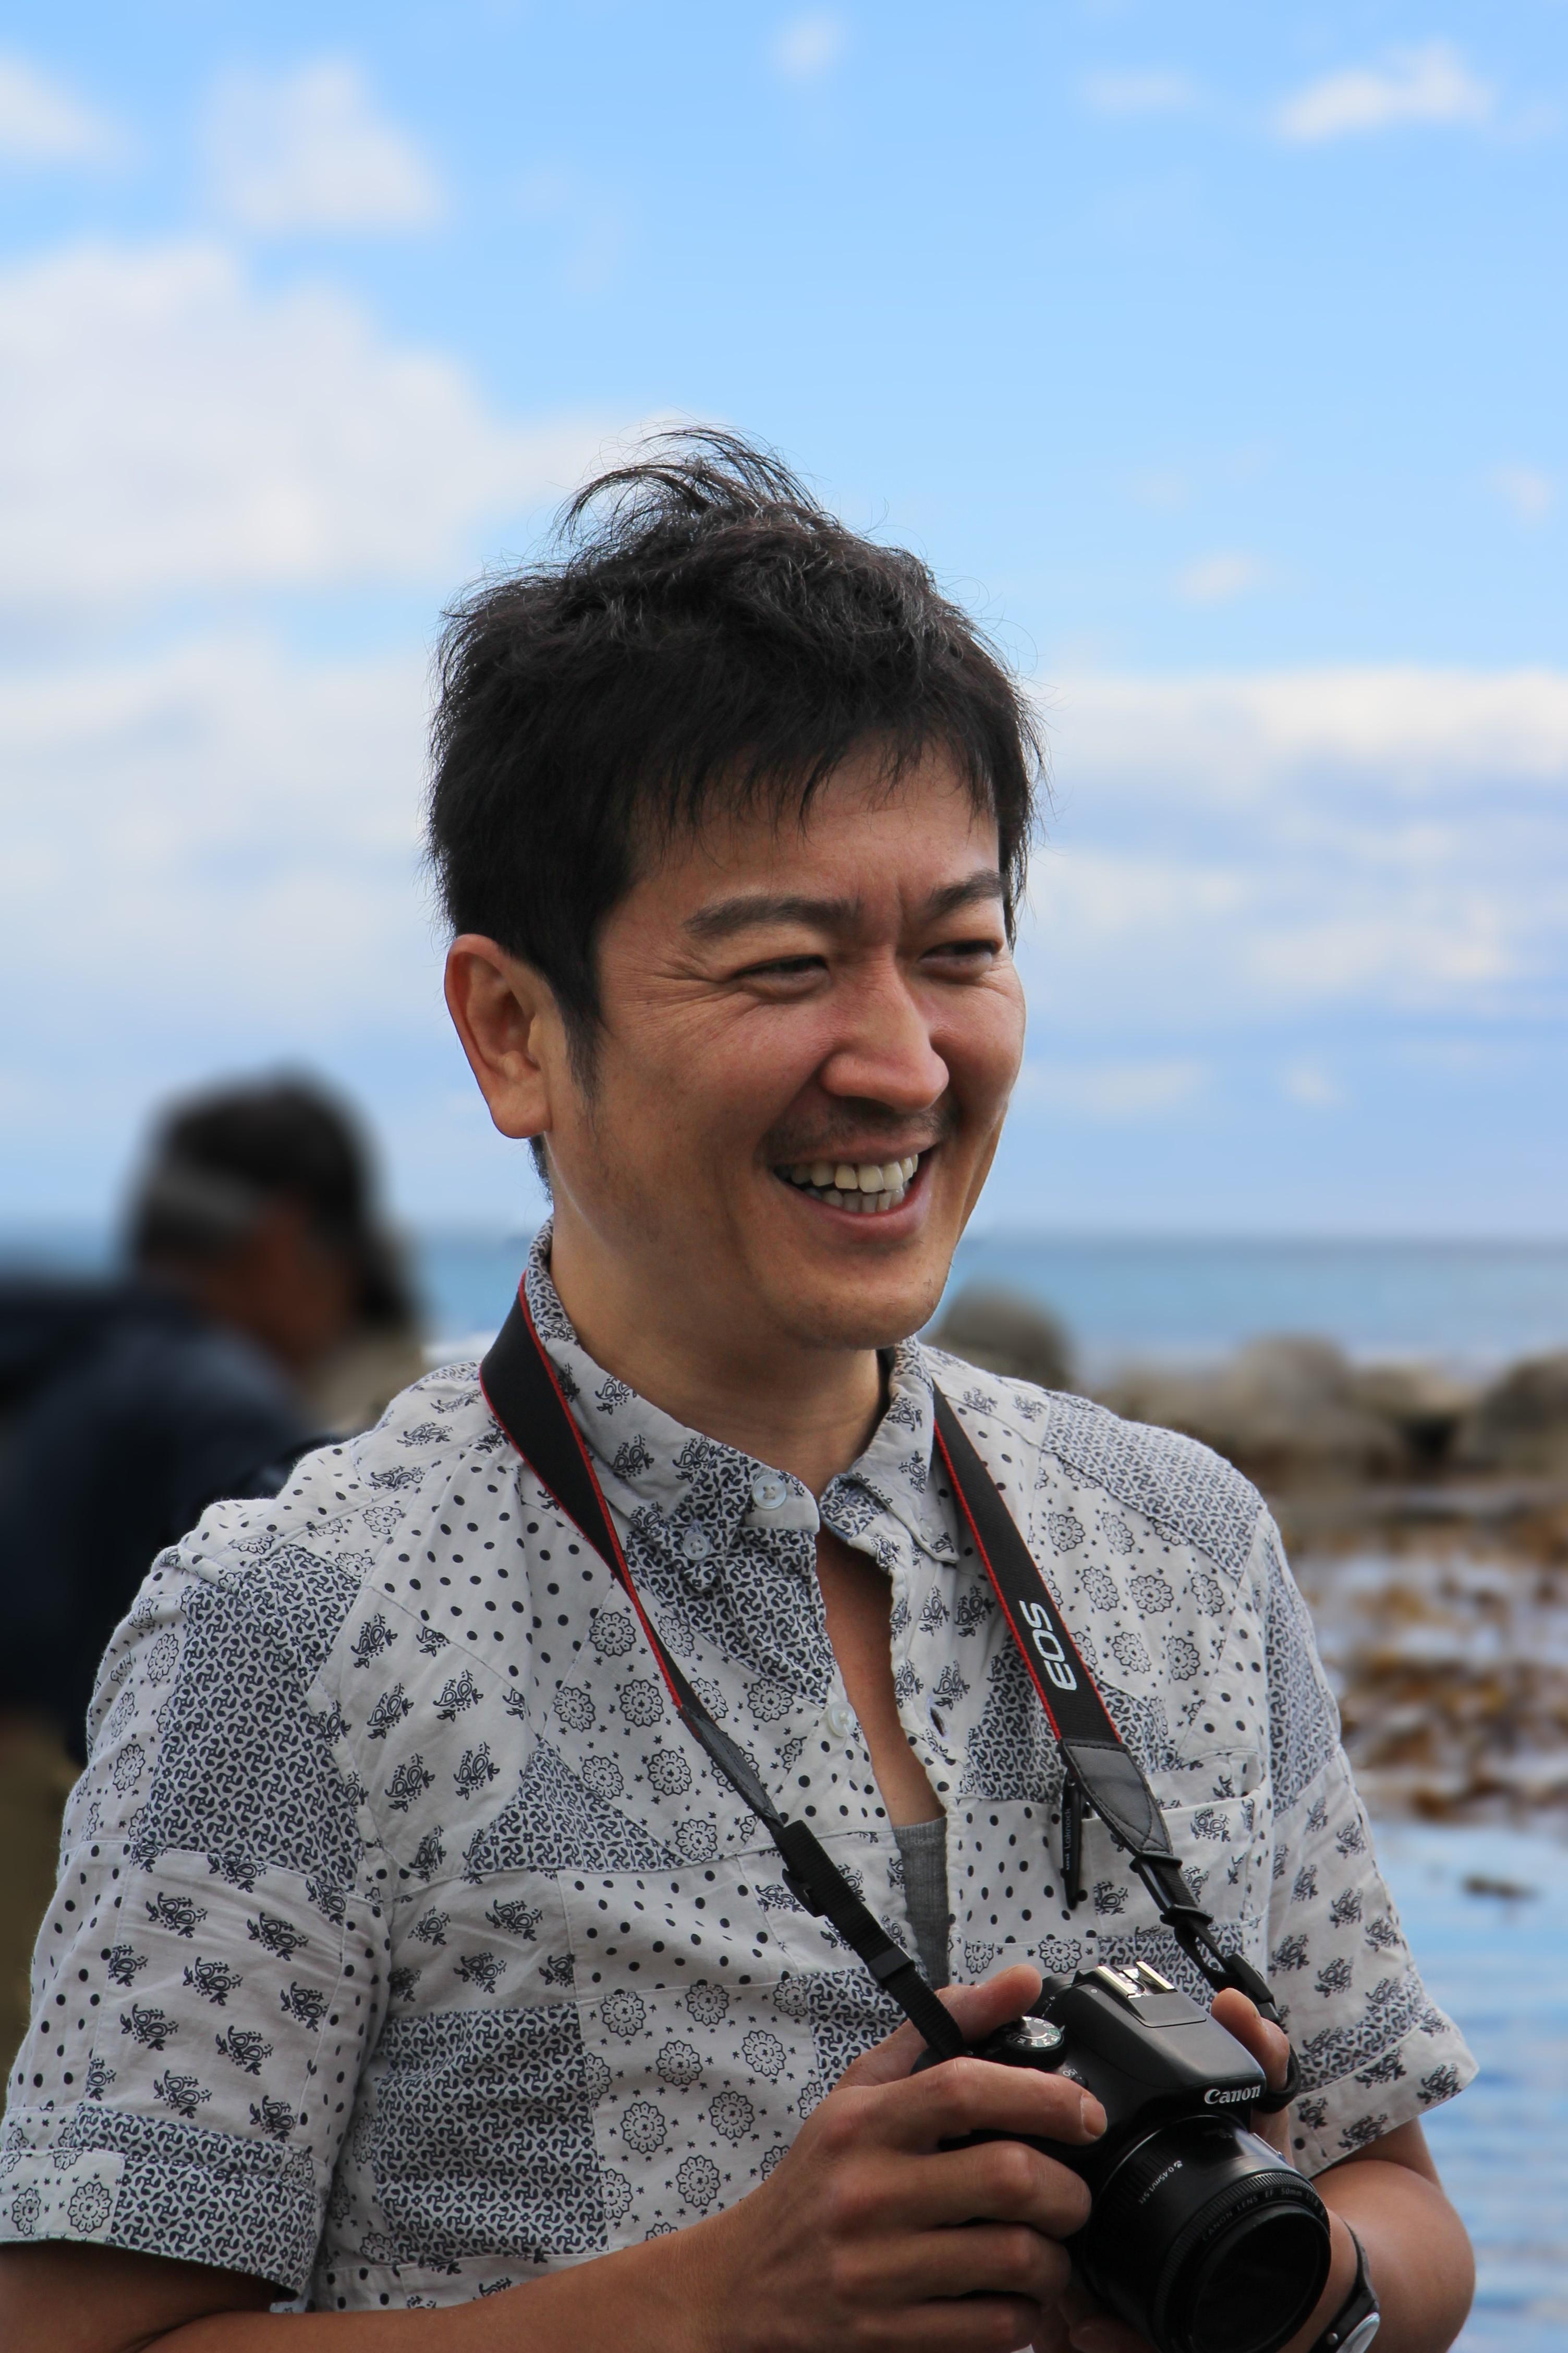 【参加募集開始】5/20高橋博之氏講演会「都市と地方をかきまぜる」